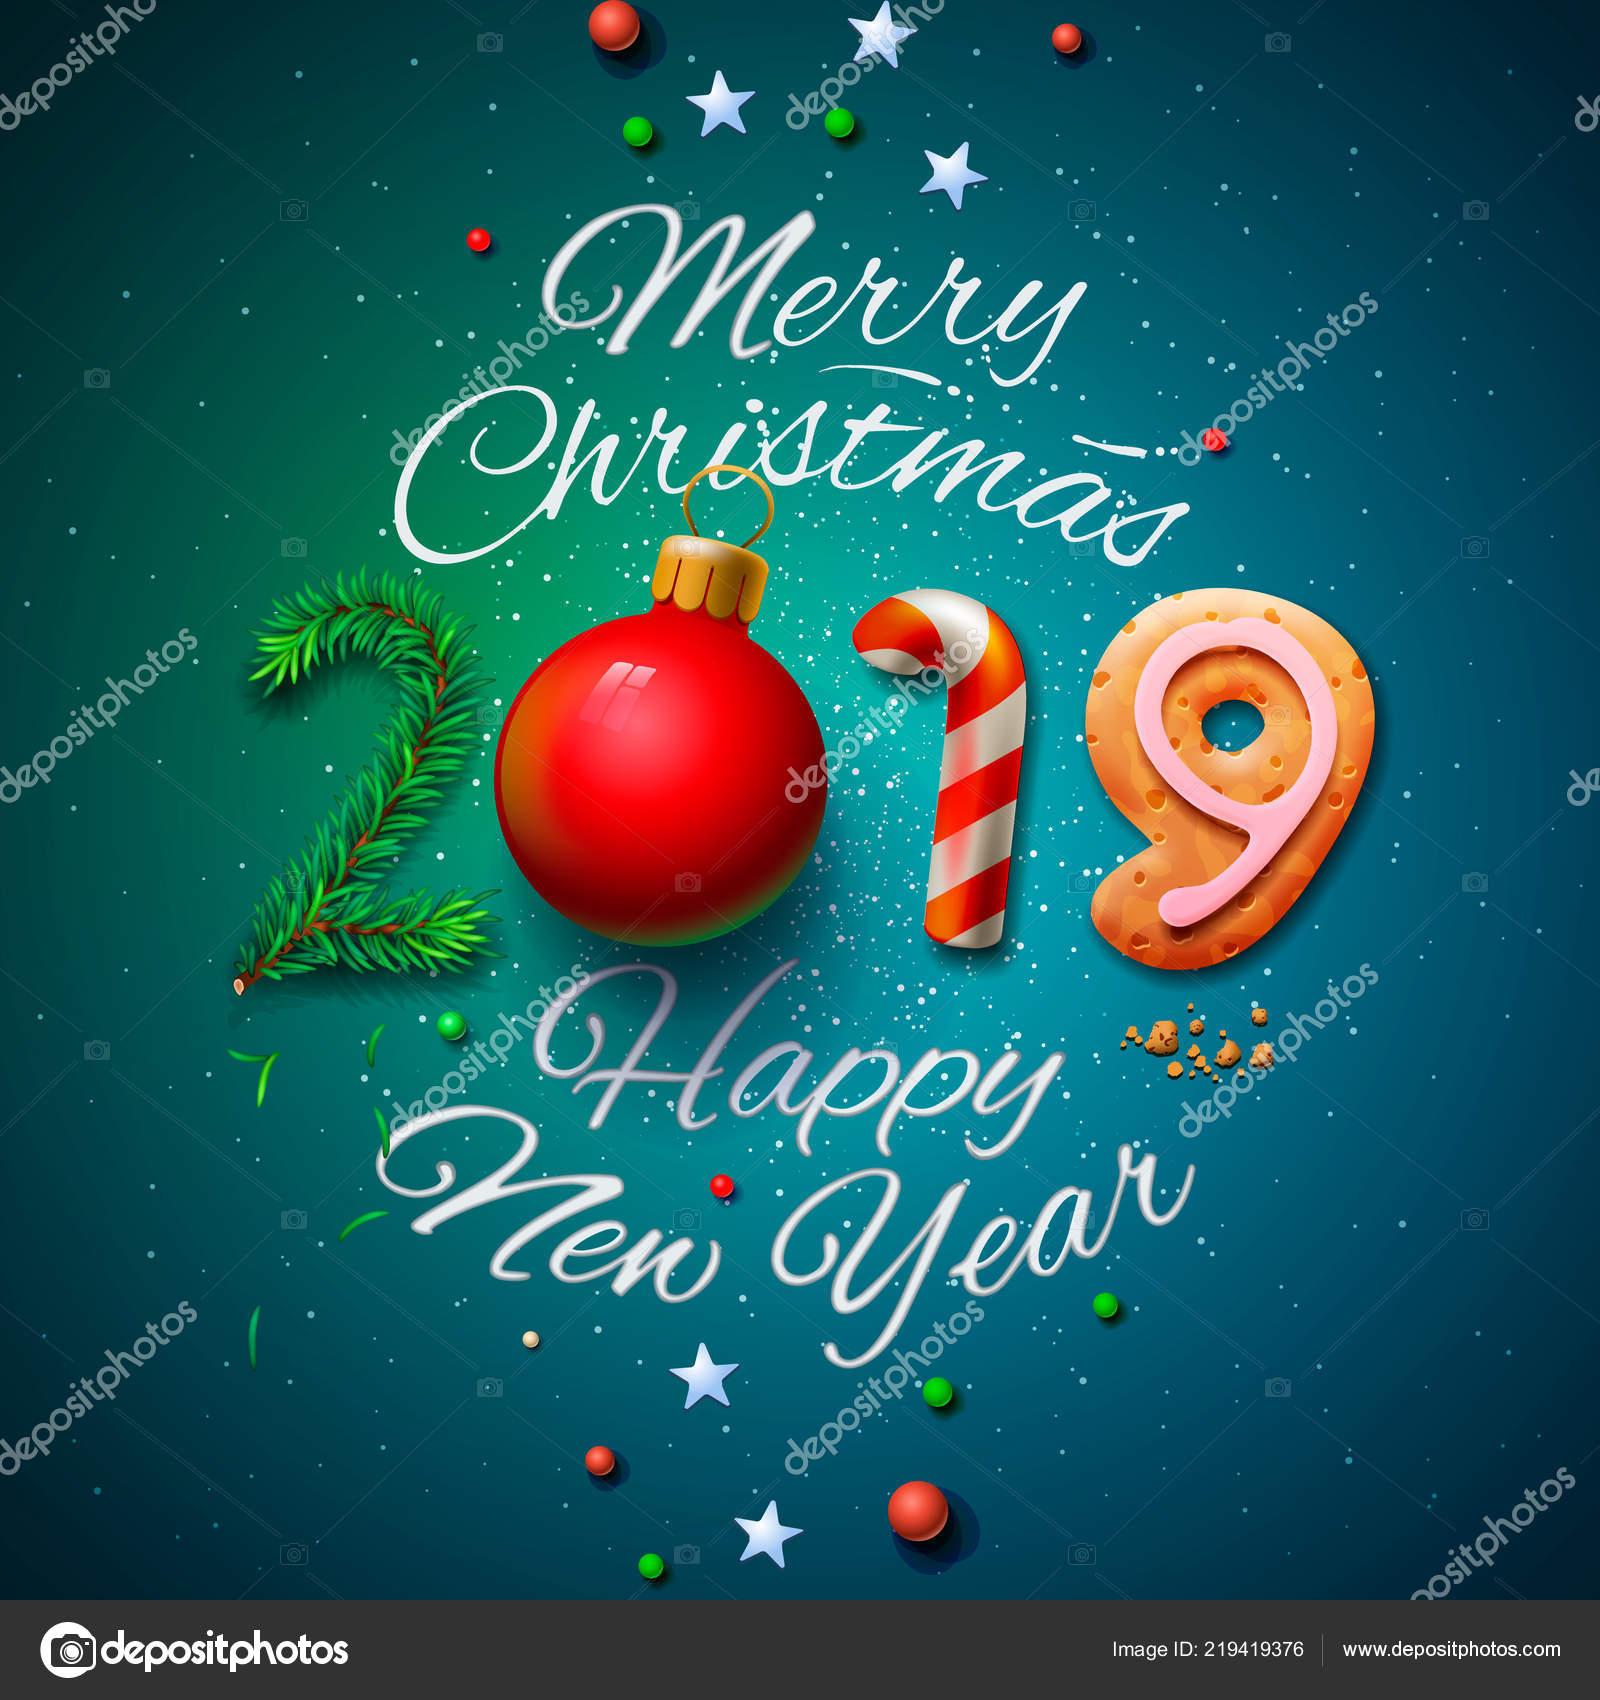 Frohe Weihnachten Und Happy New Year.Frohe Weihnachten Und Happy New Year 2019 Grußkarte Vektor